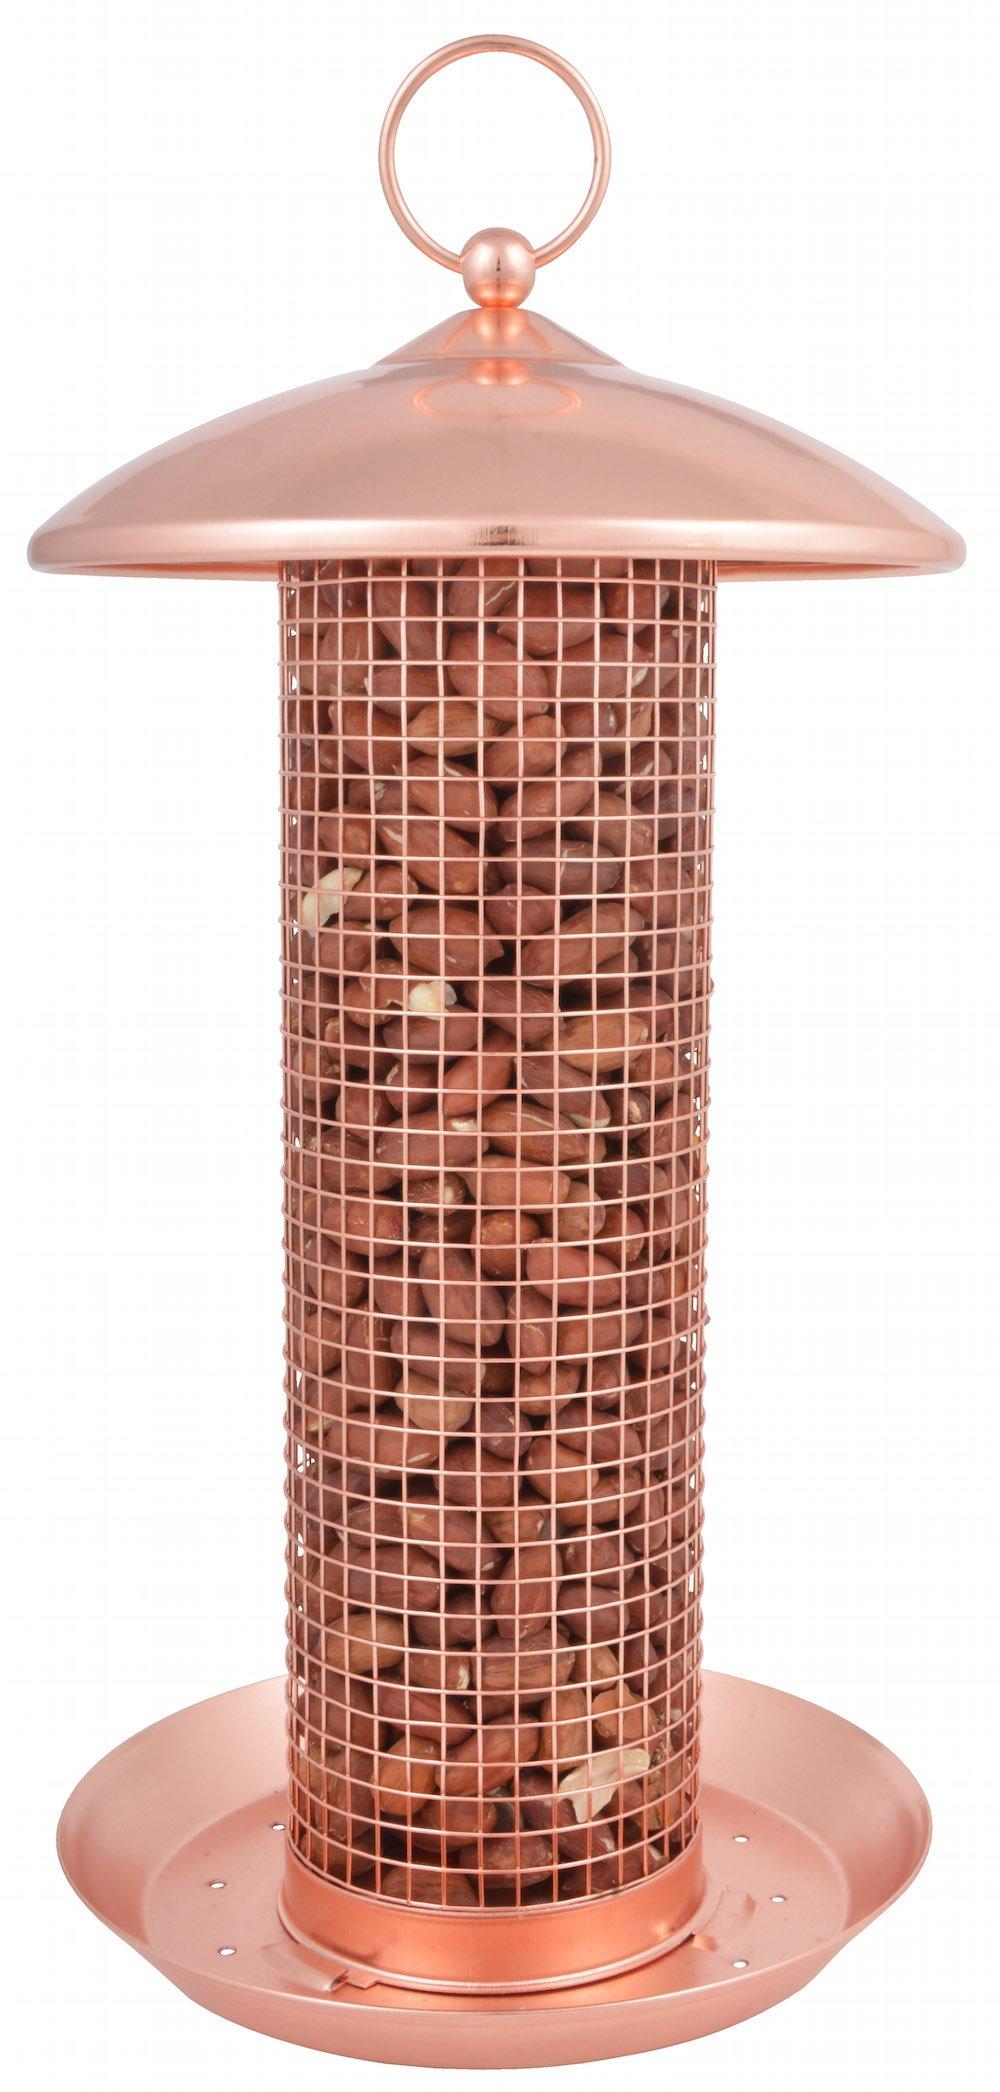 Esschert Design FB379 Copper Nut Feeder by Esschert Design